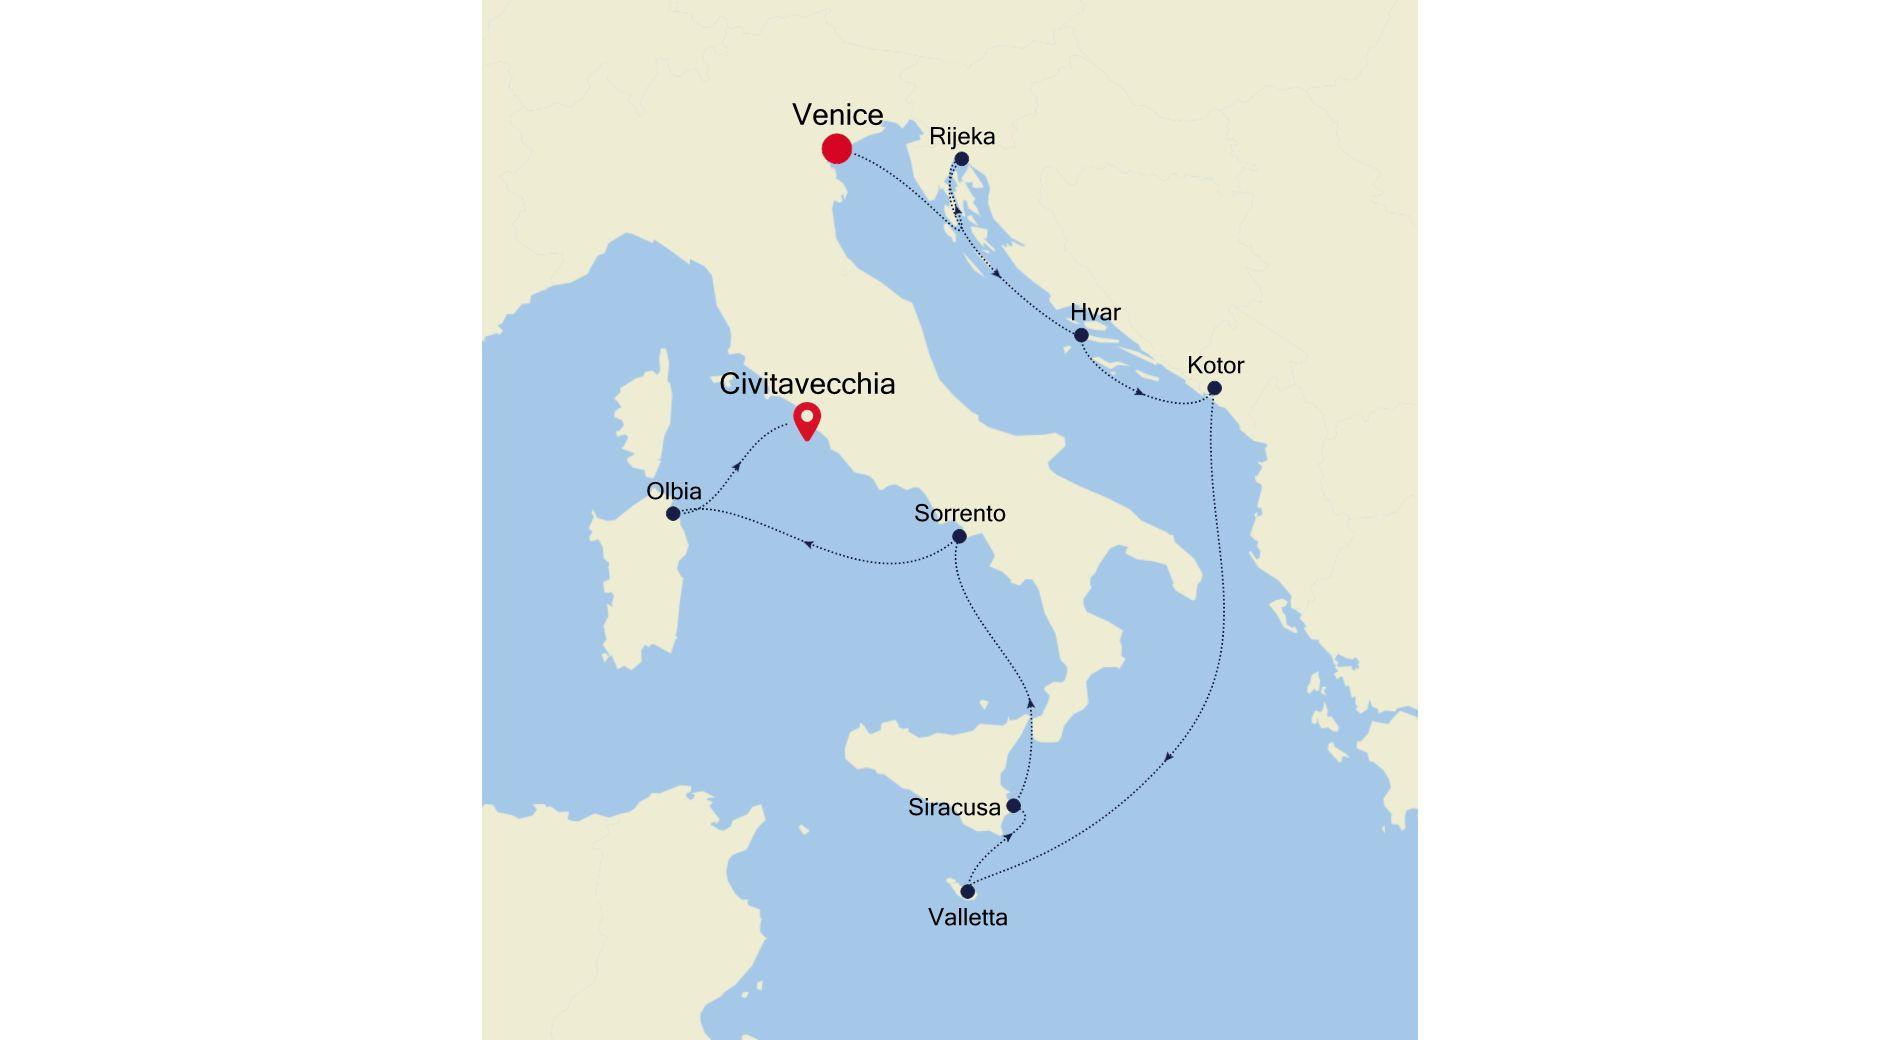 SS200821010 - Venice to Civitavecchia